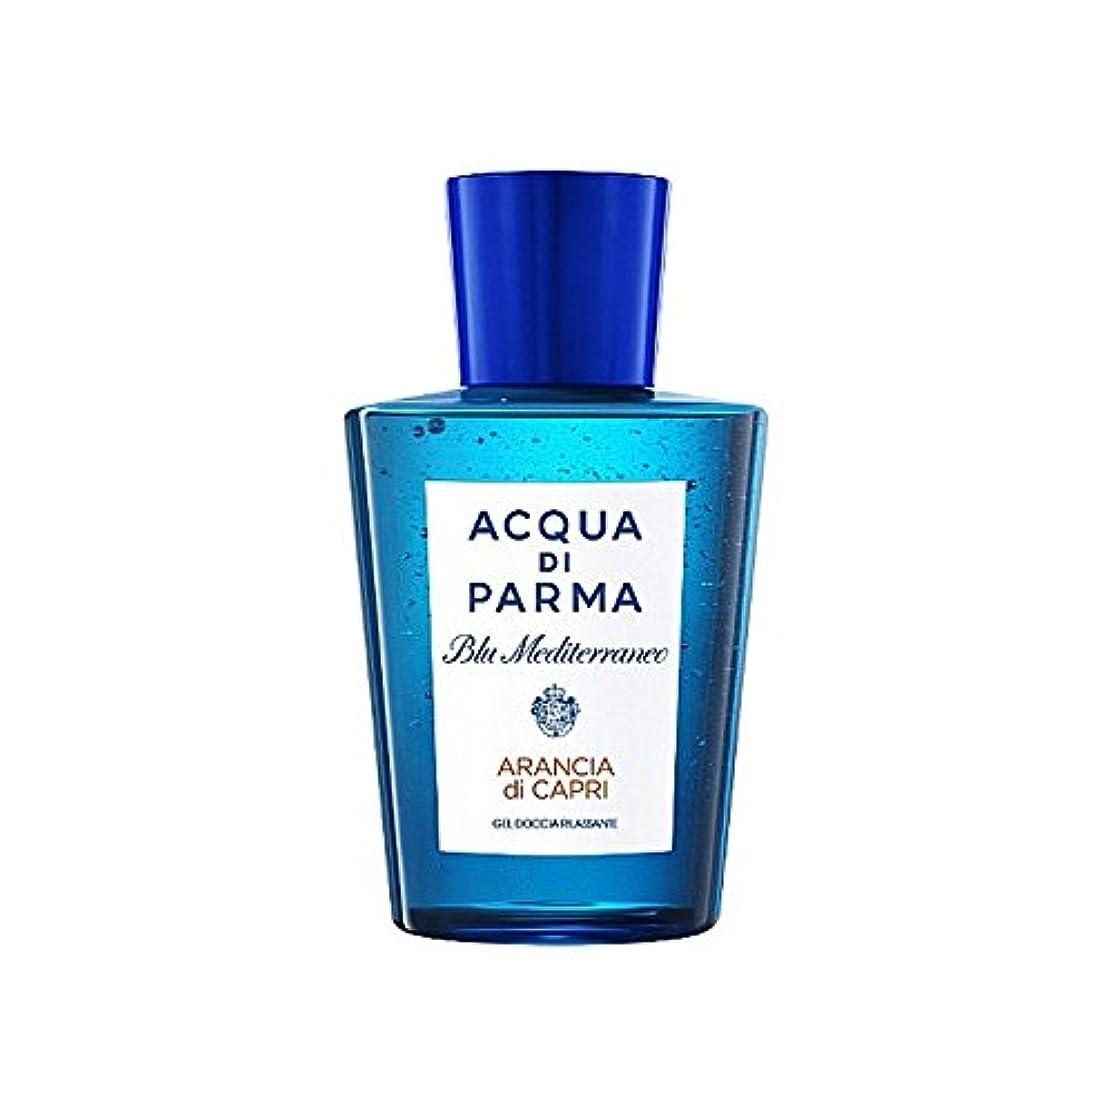 かび臭い平和的フローAcqua Di Parma Blu Mediterraneo Arancia Di Capri Shower Gel 200ml - アクアディパルマブルーメディのアランシアジカプリシャワージェル200 [並行輸入品]